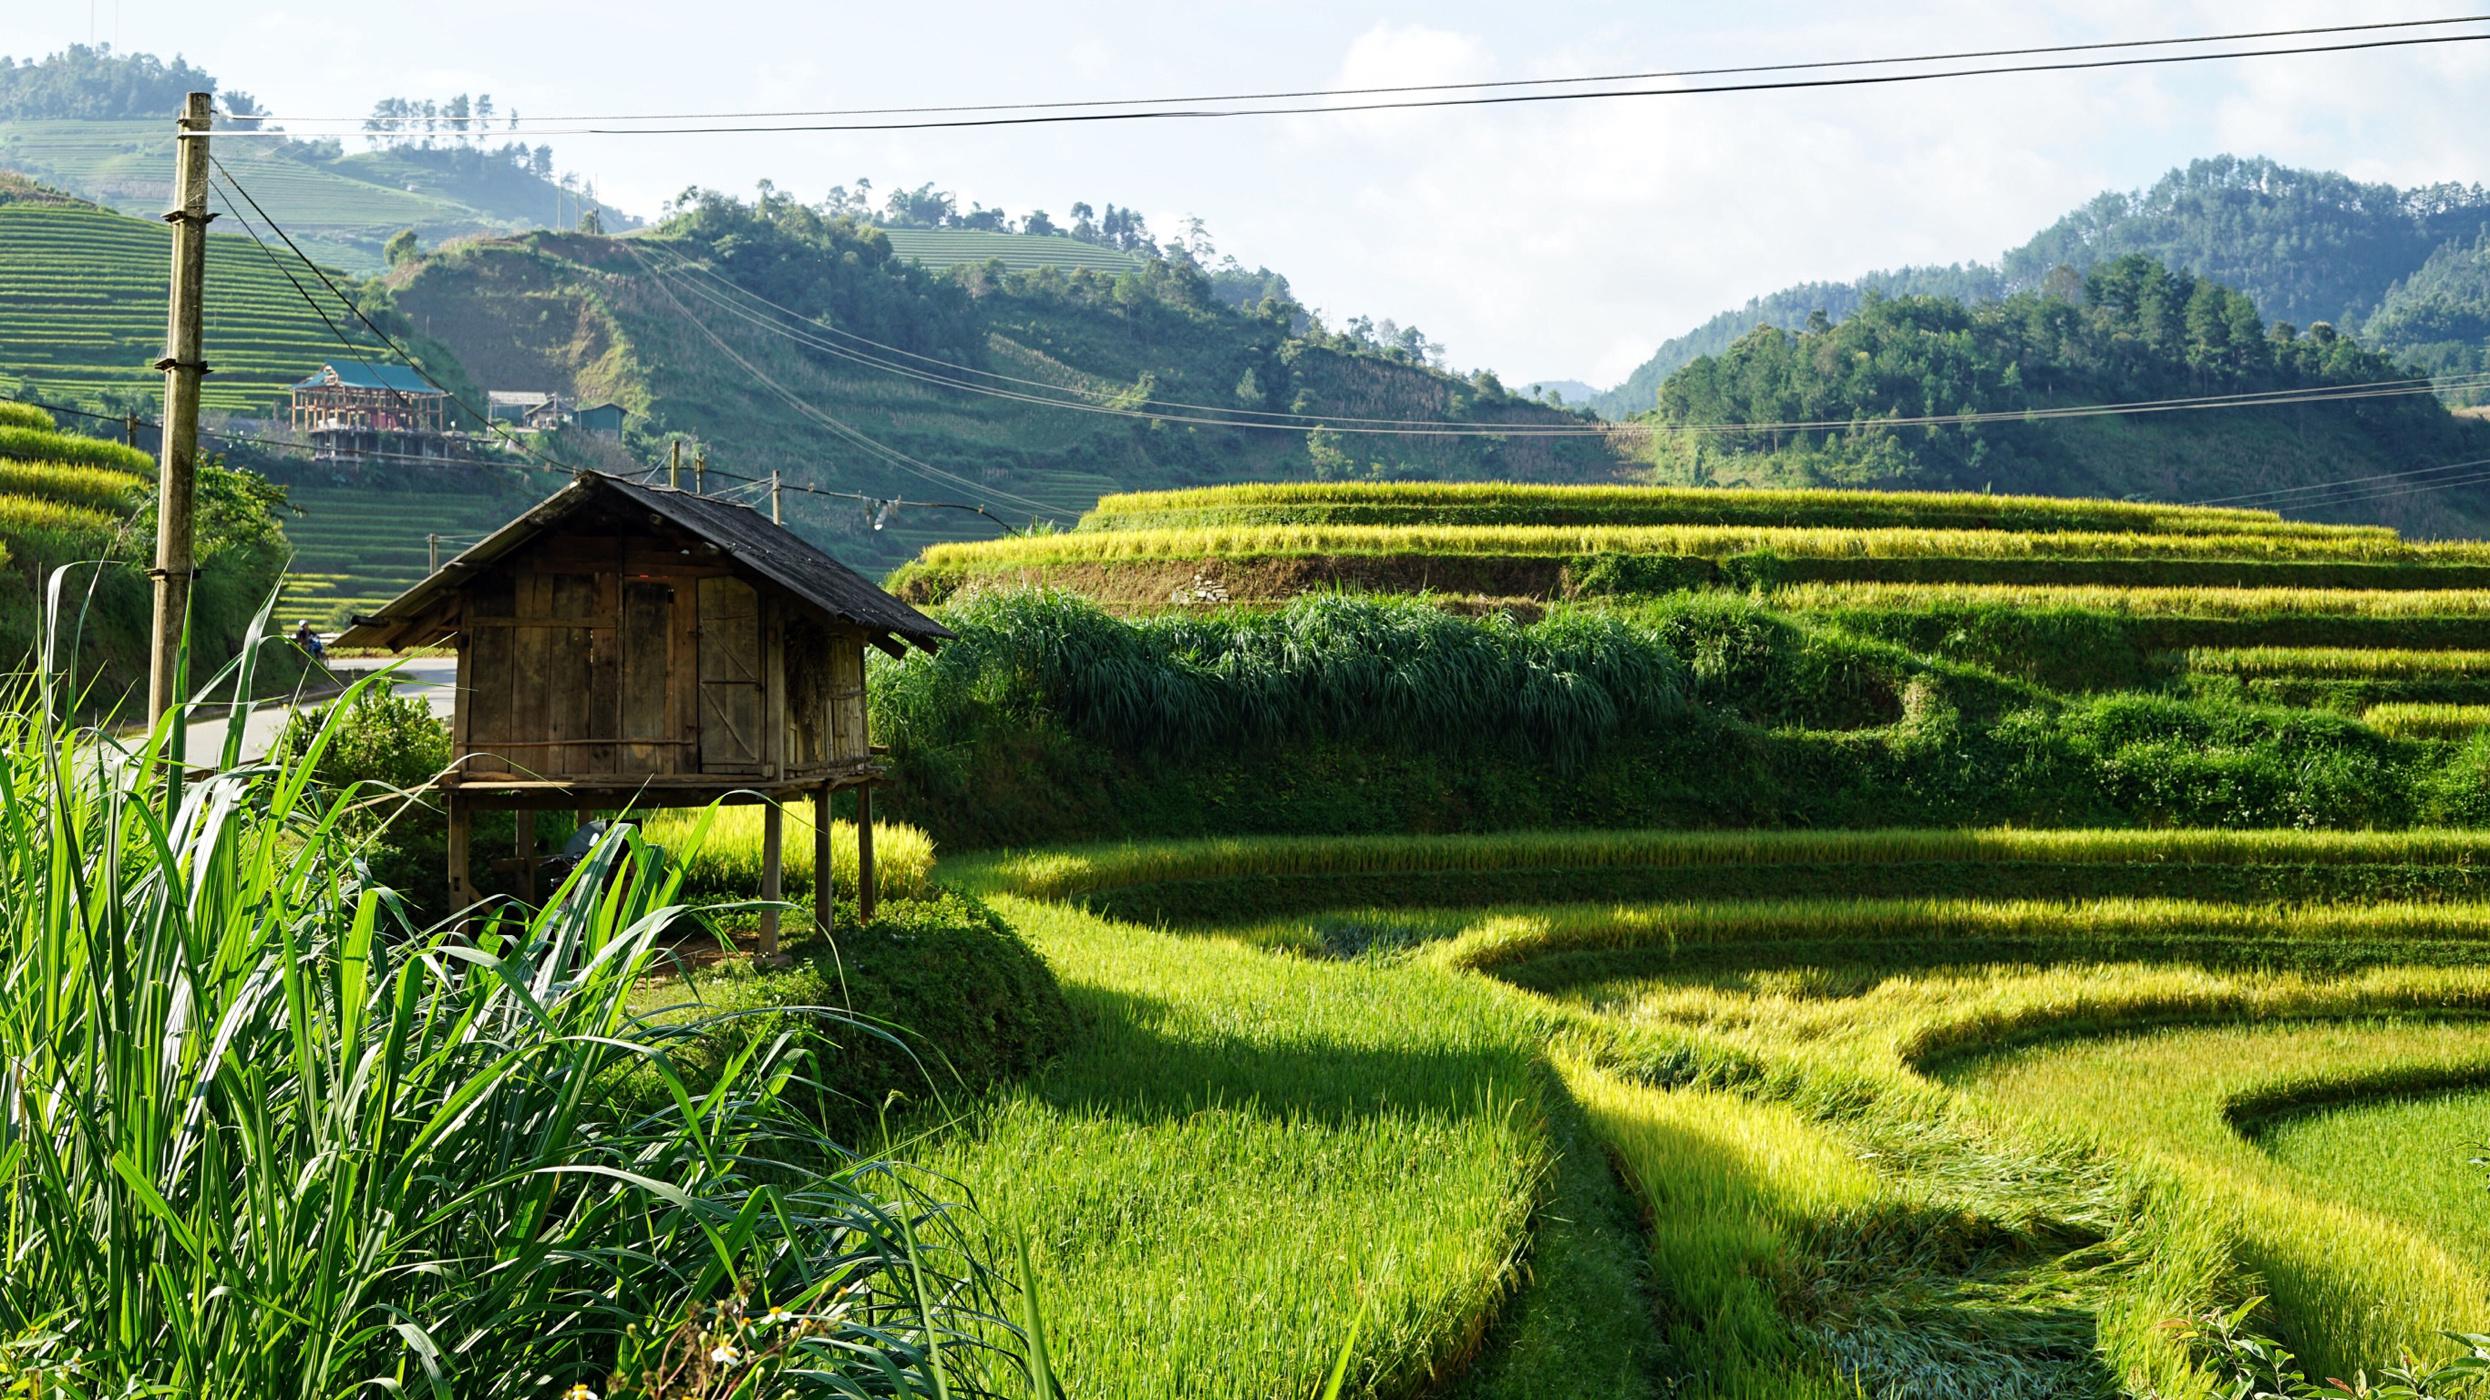 Обои для рабочего стола Вьетнам Sapa Природа Поля холмов холм Холмы